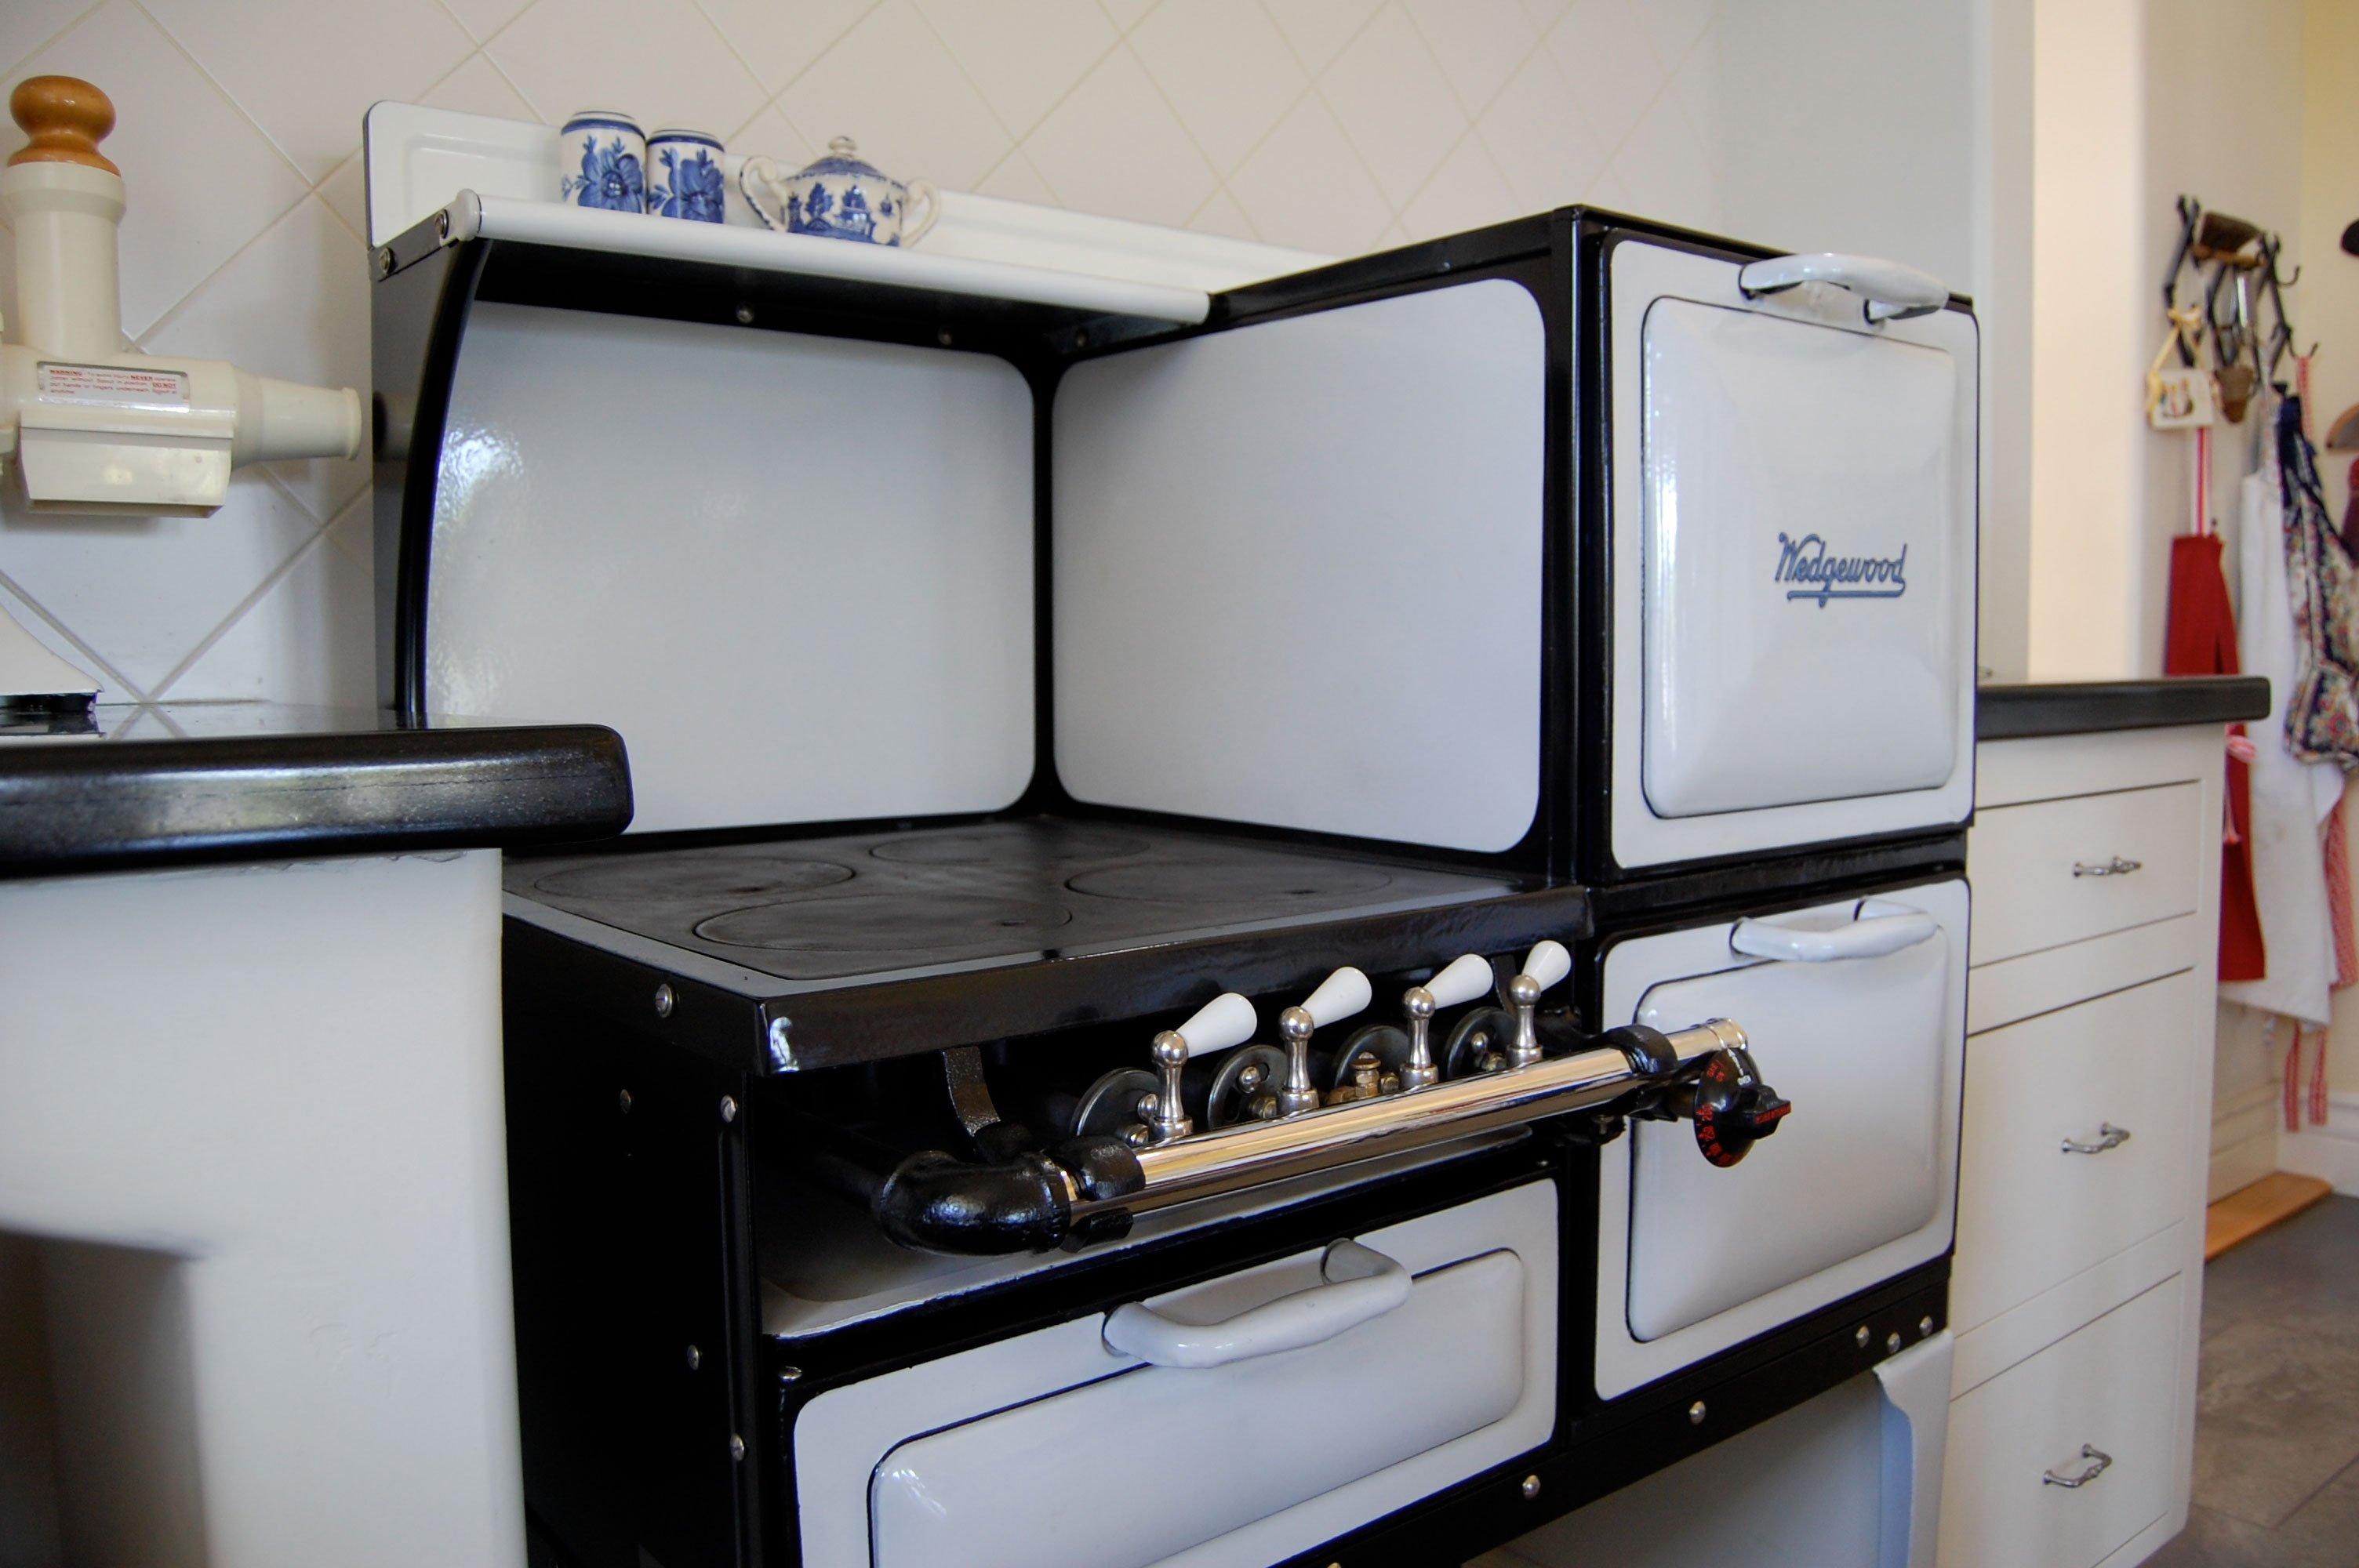 vintage stove RMR stove repair san diego